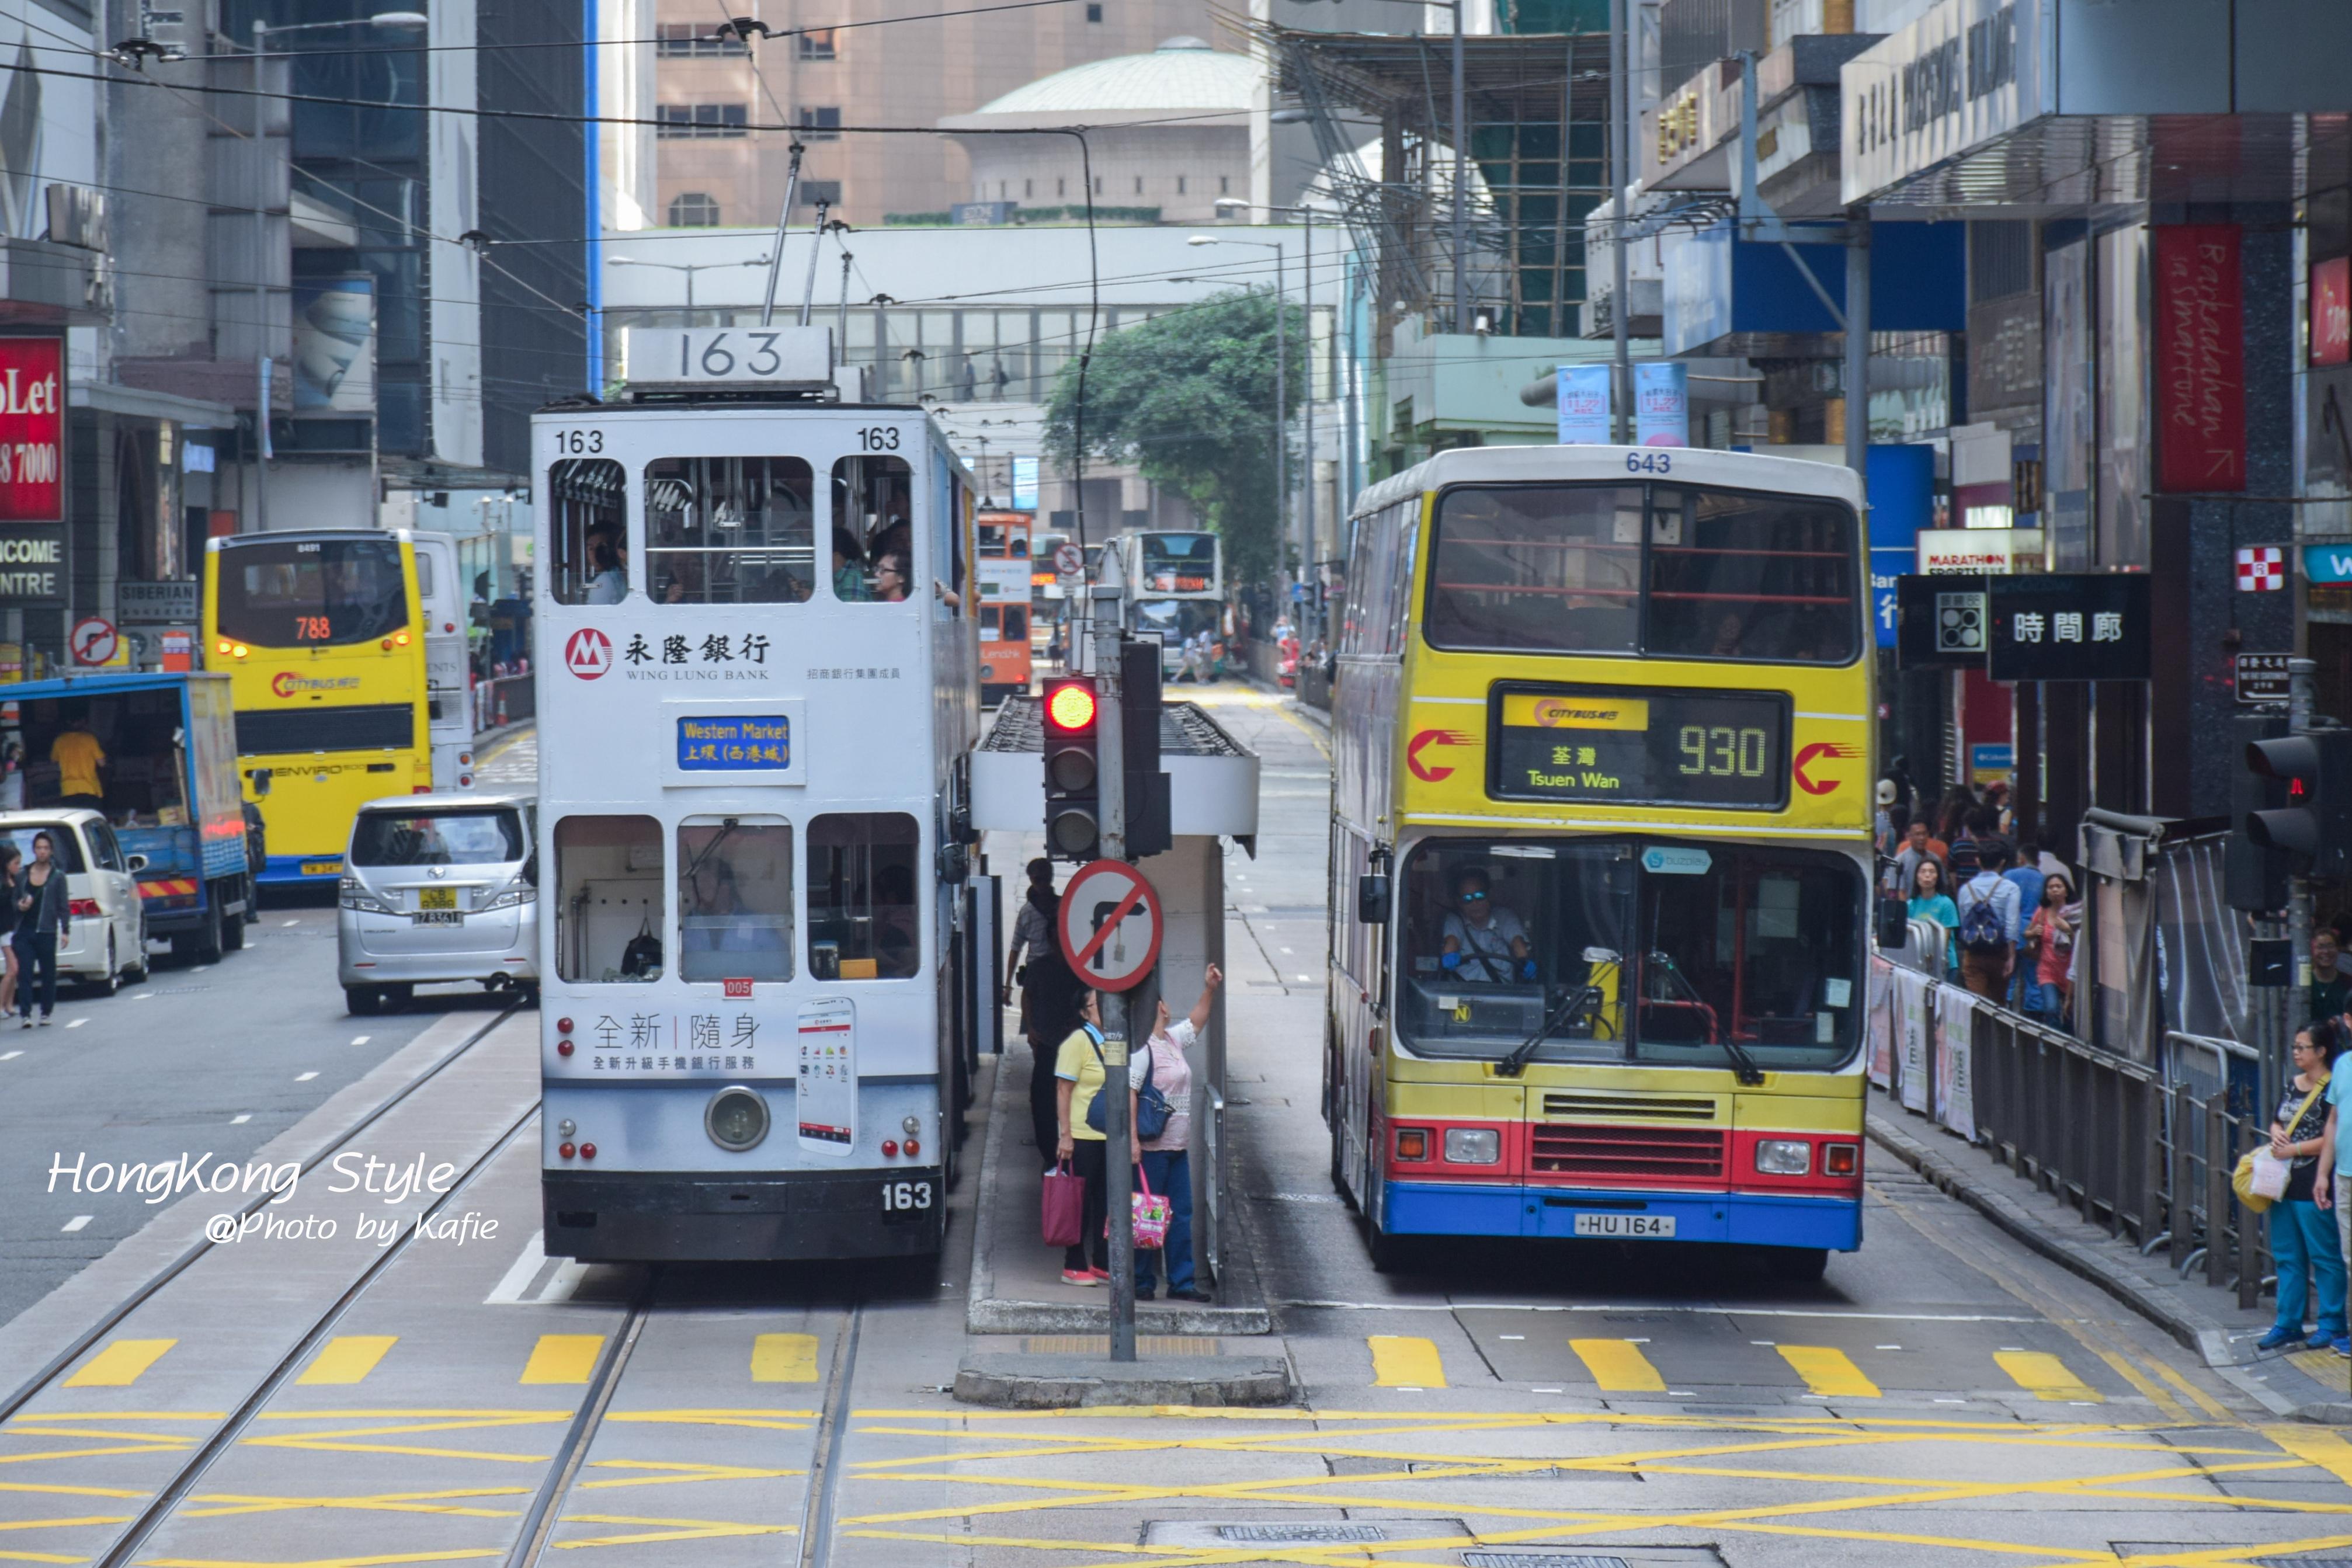 香港市民对电车有很深厚的情感,看作是香港的城市地标之一,也是香港的珍贵文化遗产。香港叮叮电车曾获得《国家地理频道》冠以「传奇电车」的名称,被誉为世界上仍在服务中的最大双层电车车队。之所以叫叮叮电车,是因为电车行驶的时候,不时会发出「叮叮」声,所以因此而得名。电车不会报站名,如果想在特定某个站下车,就需要自己盯着站台上的编号站名。不过电车的车速还是比较慢,站与站之间的距离比较短,坐过站也不怕喇,走一下就行。电车有别于其他香港交通工具,是先在后门上车,在前门下车最后才付款。坐着电车,